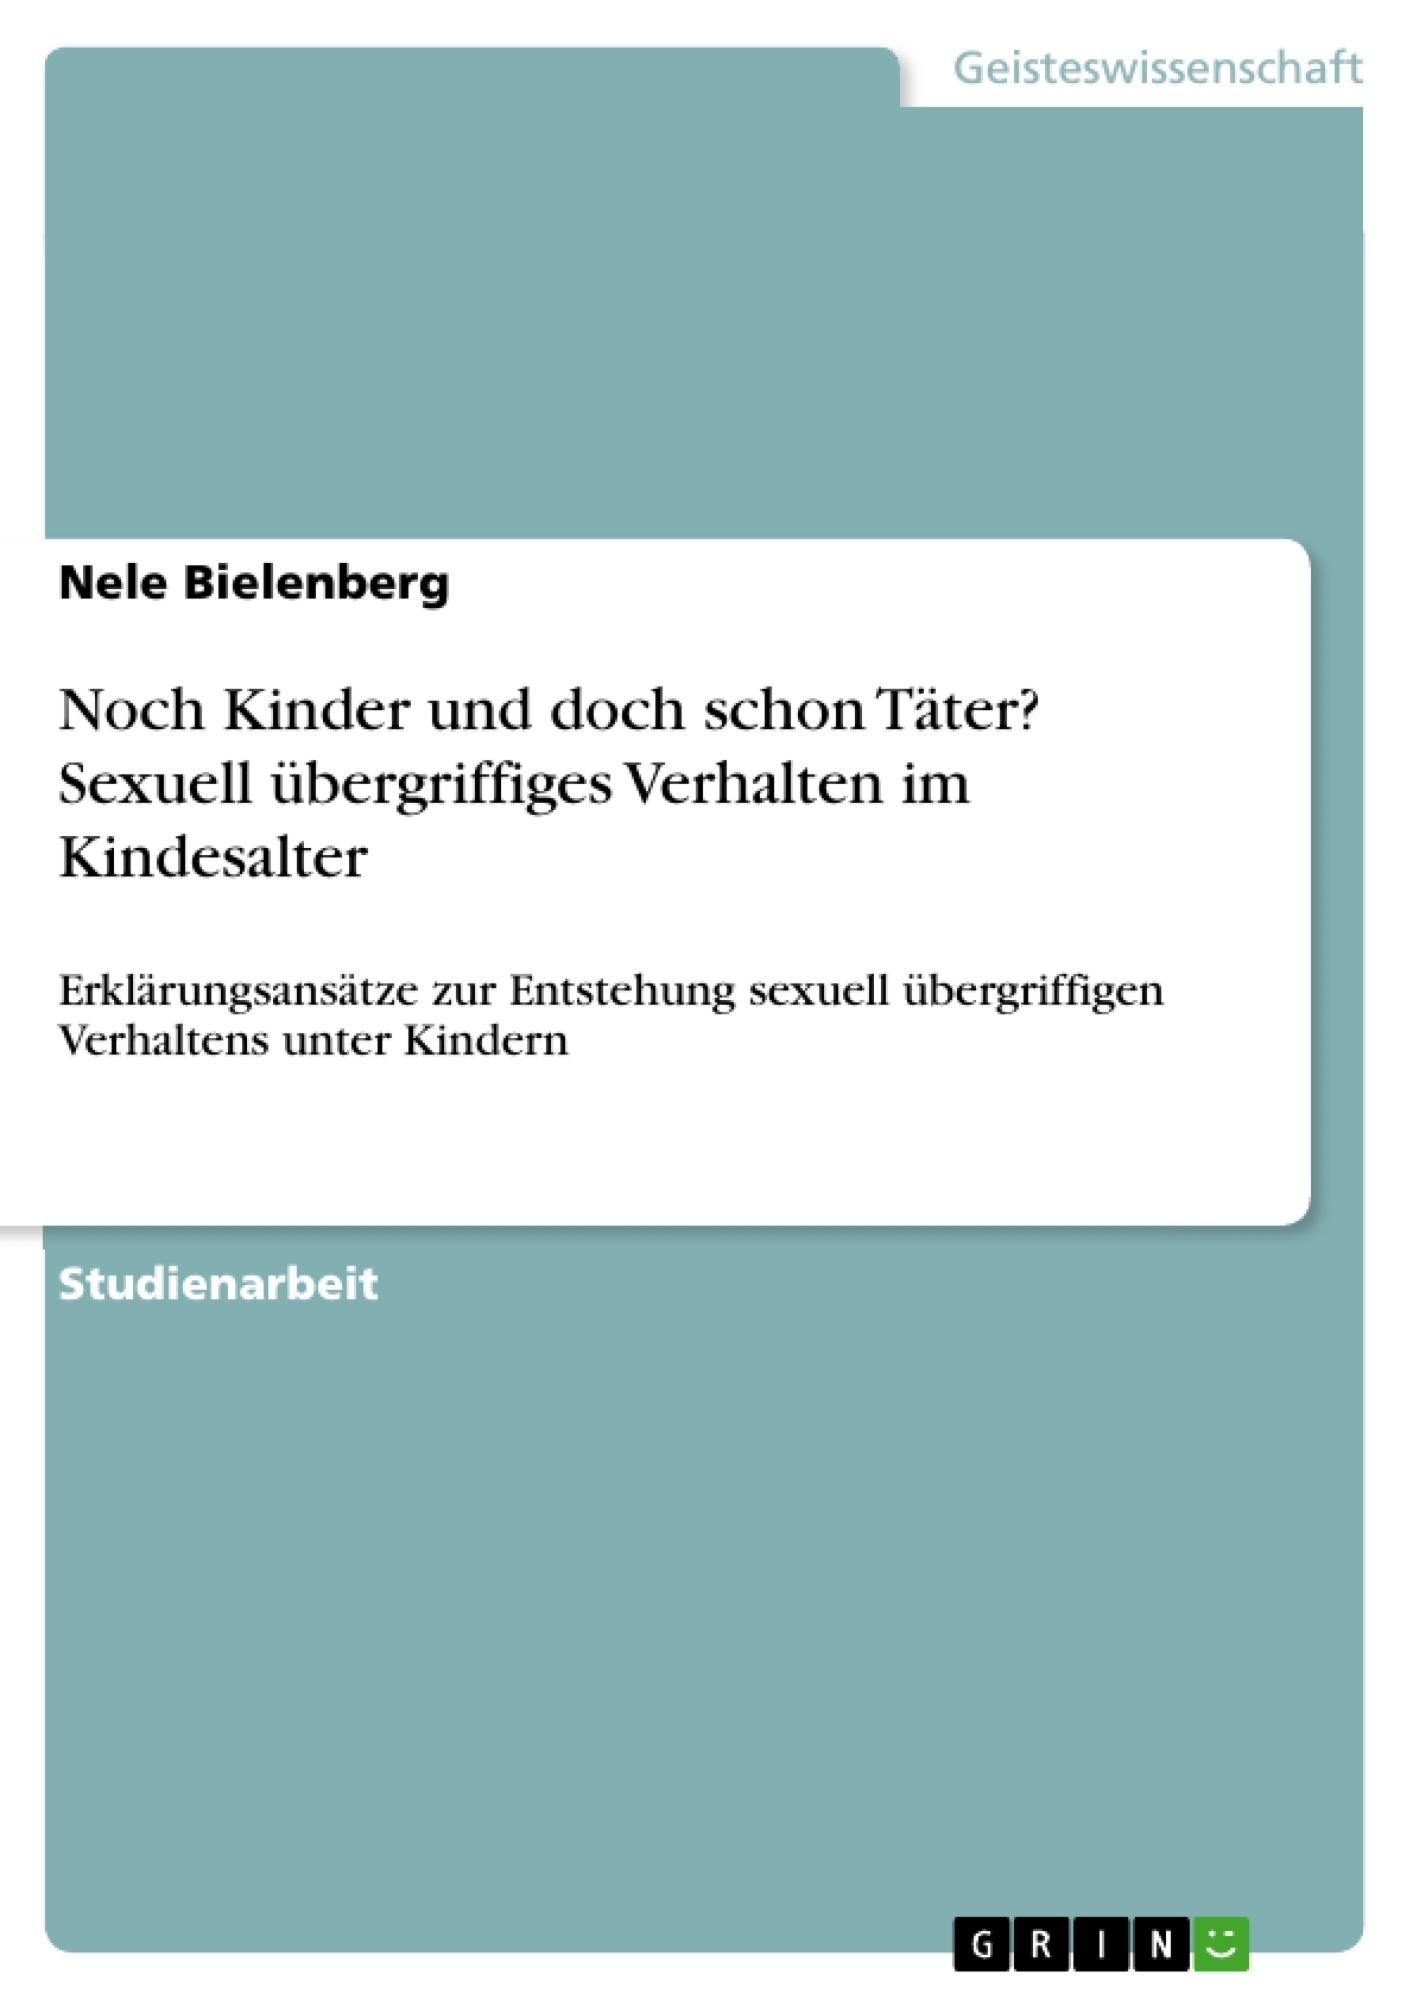 Titel: Noch Kinder und doch schon Täter? Sexuell übergriffiges Verhalten im Kindesalter